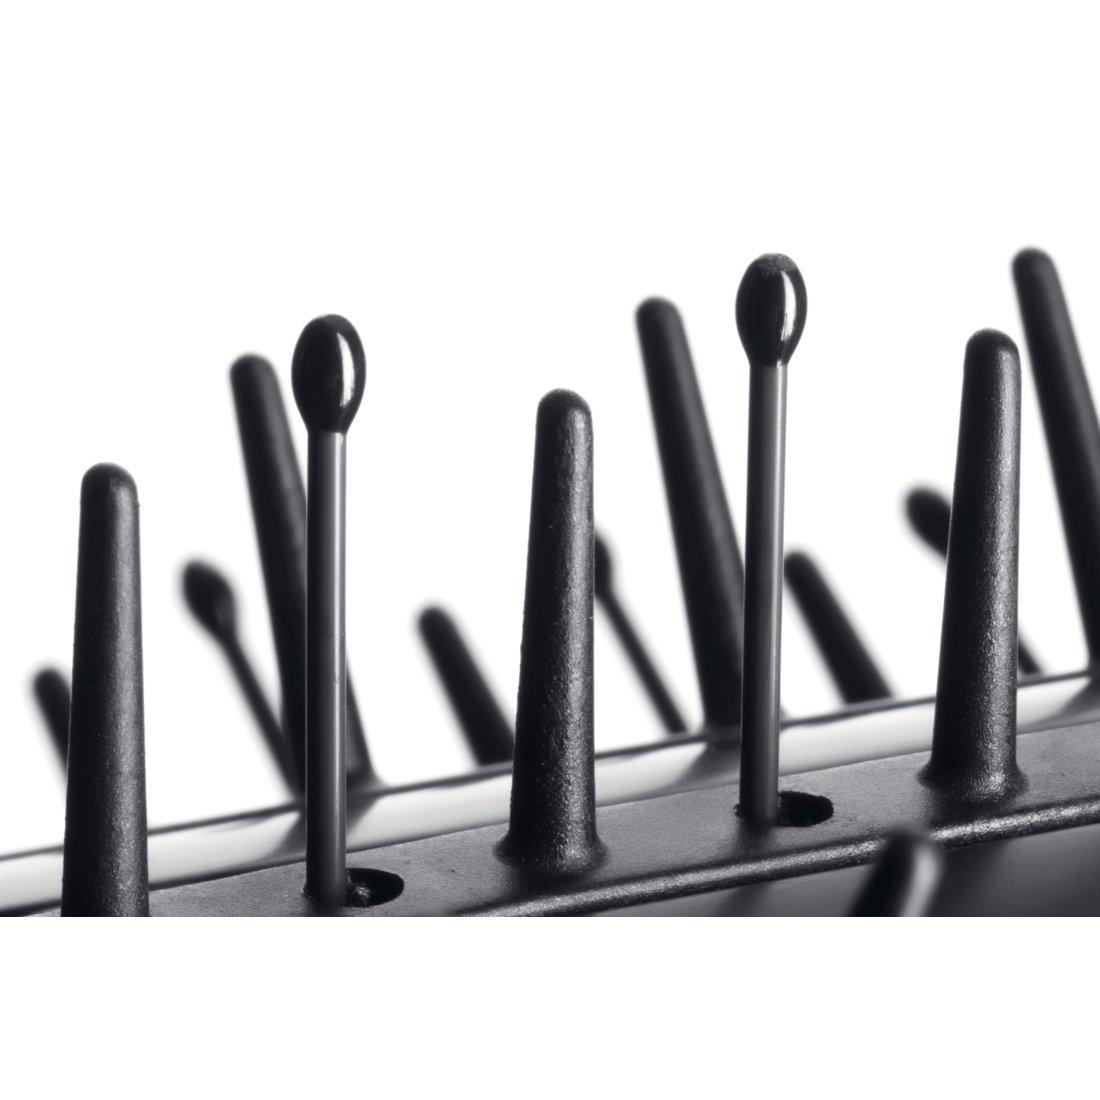 Bosch PHC7771 Straightening curling brush Caliente Negro 55W 1.8m Utensilio de peinado - Moldeador de pelo (Cepillo alisador y rizador de pelo, Caliente, ...